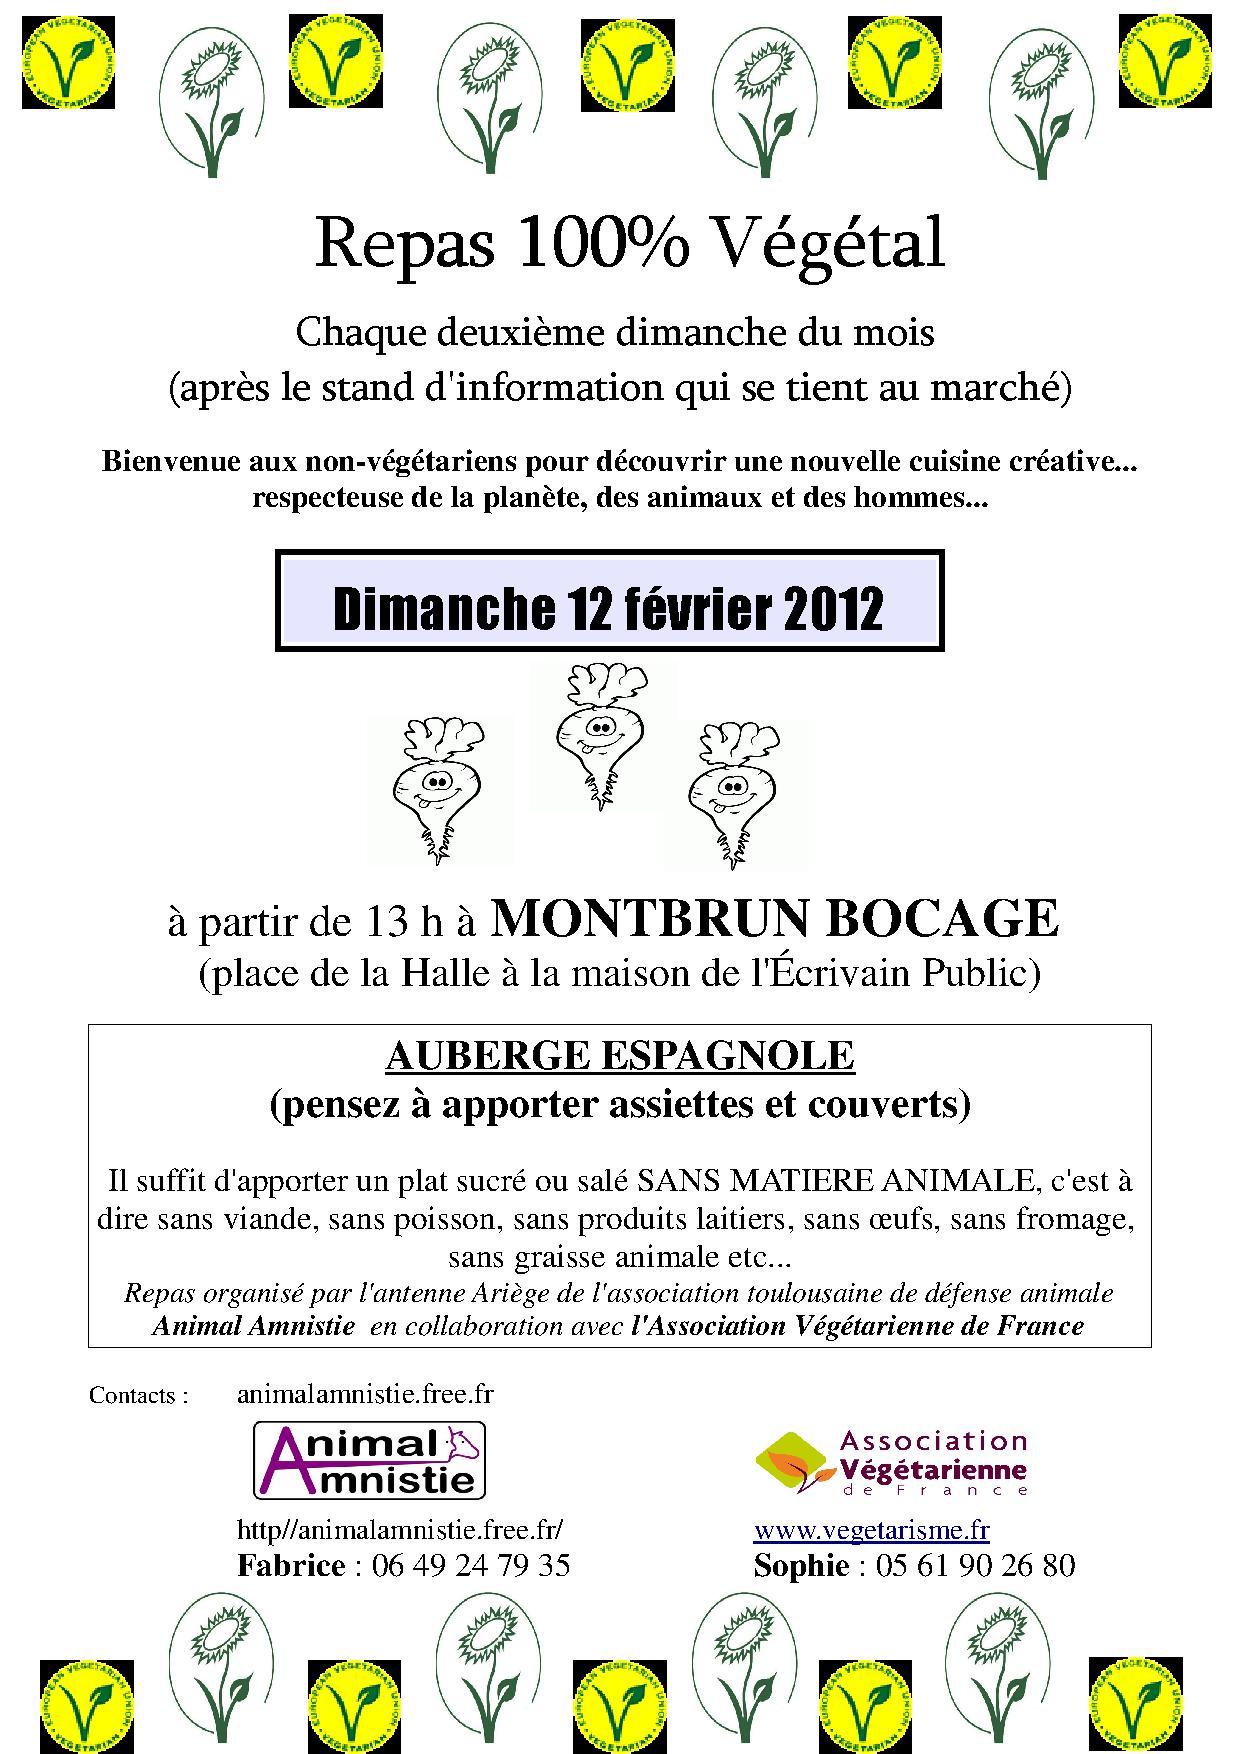 Pic nique 100 % Végétal Montbrun Bocage dimanche 12 février Pic_nique